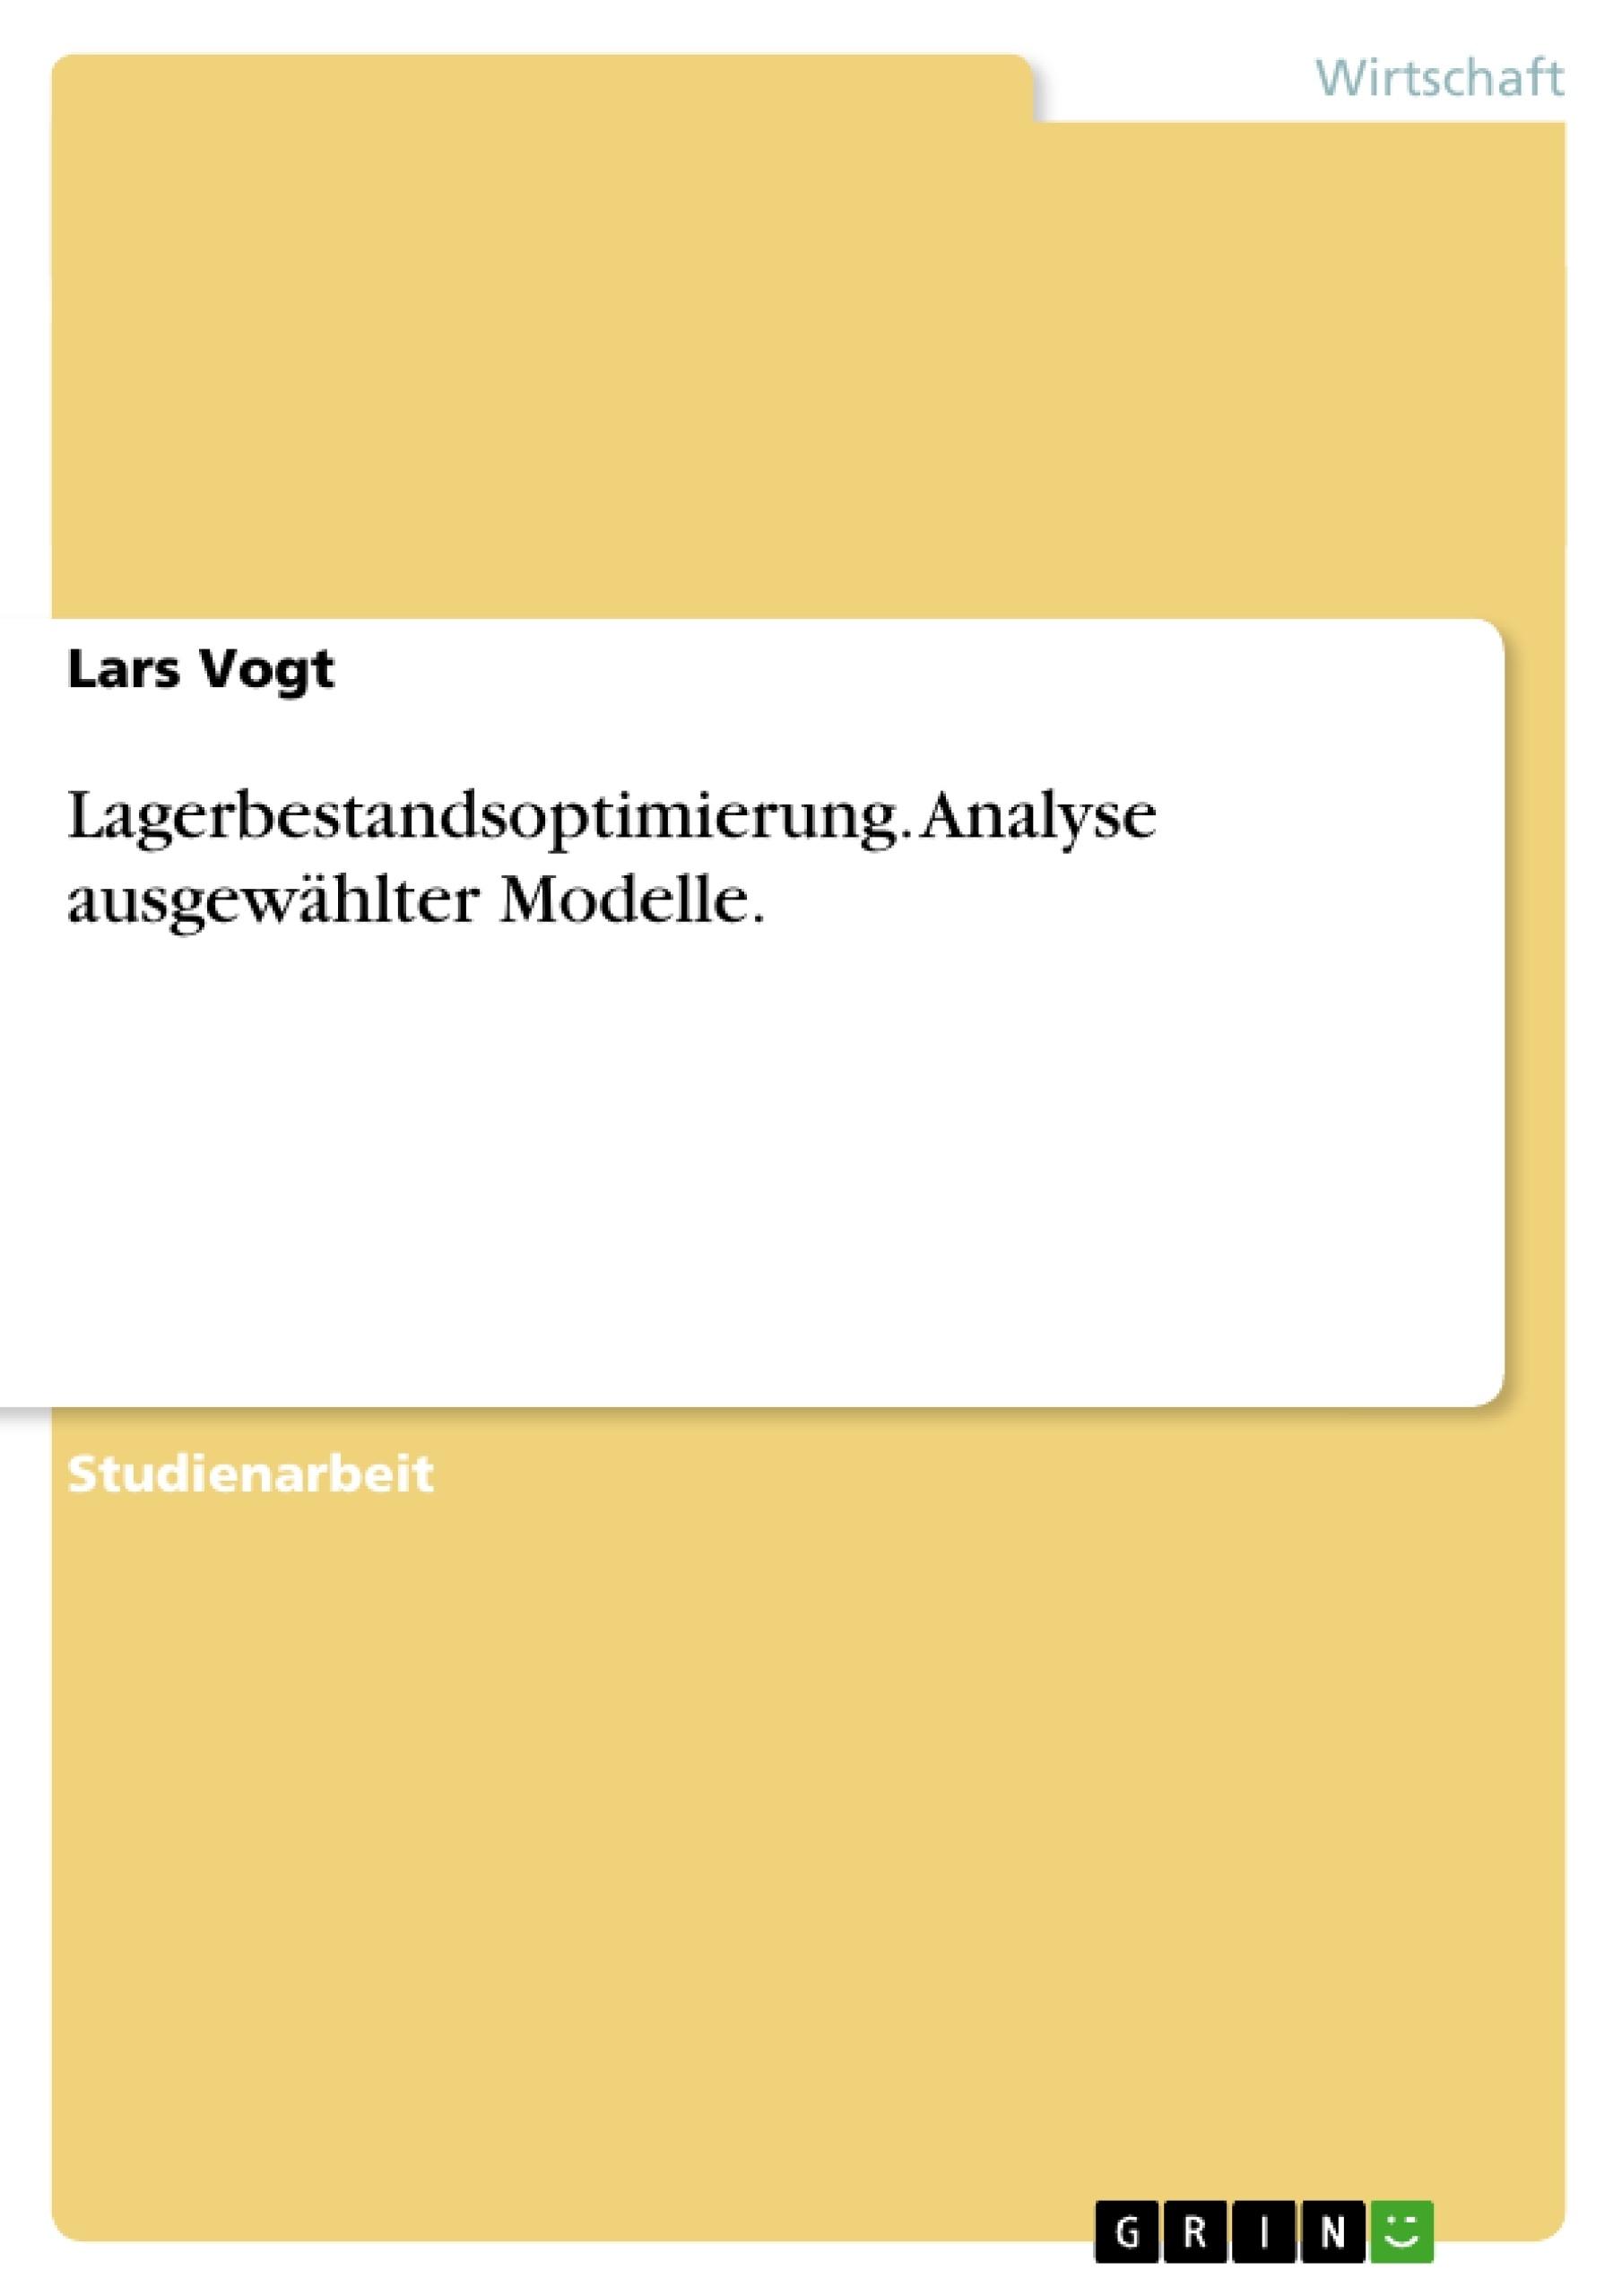 Titel: Lagerbestandsoptimierung. Analyse ausgewählter Modelle.